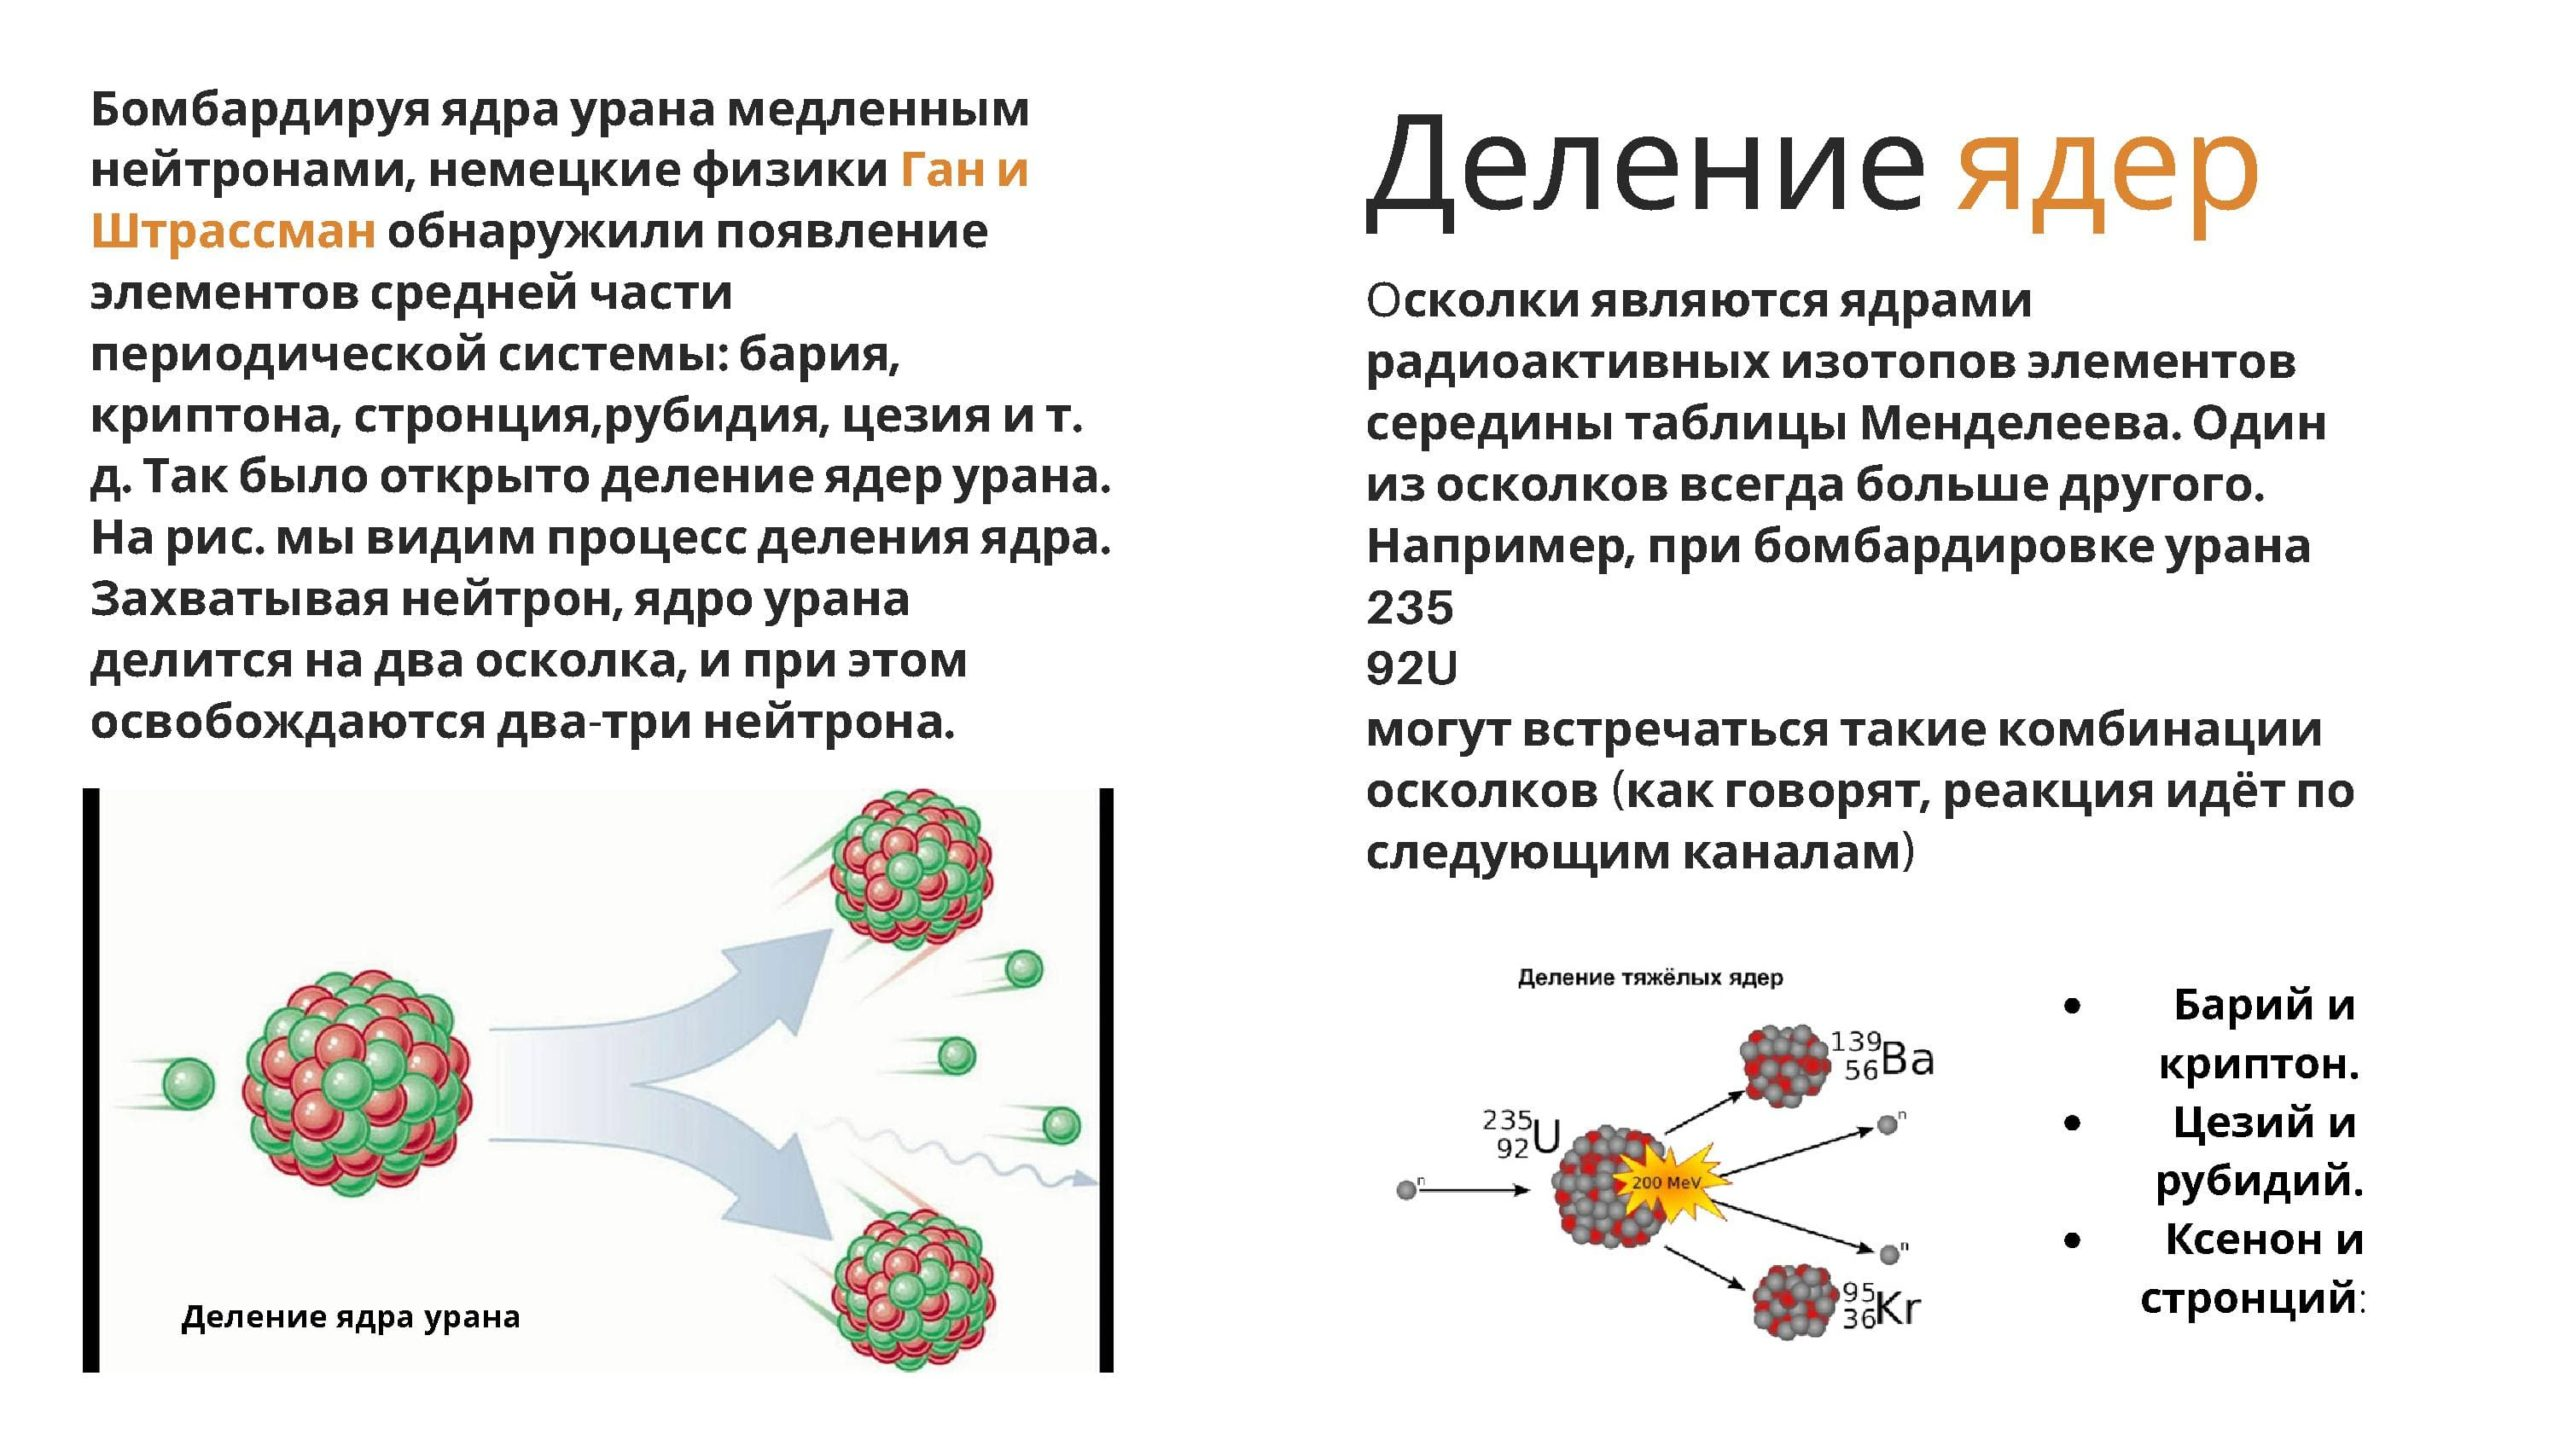 Деление ядер